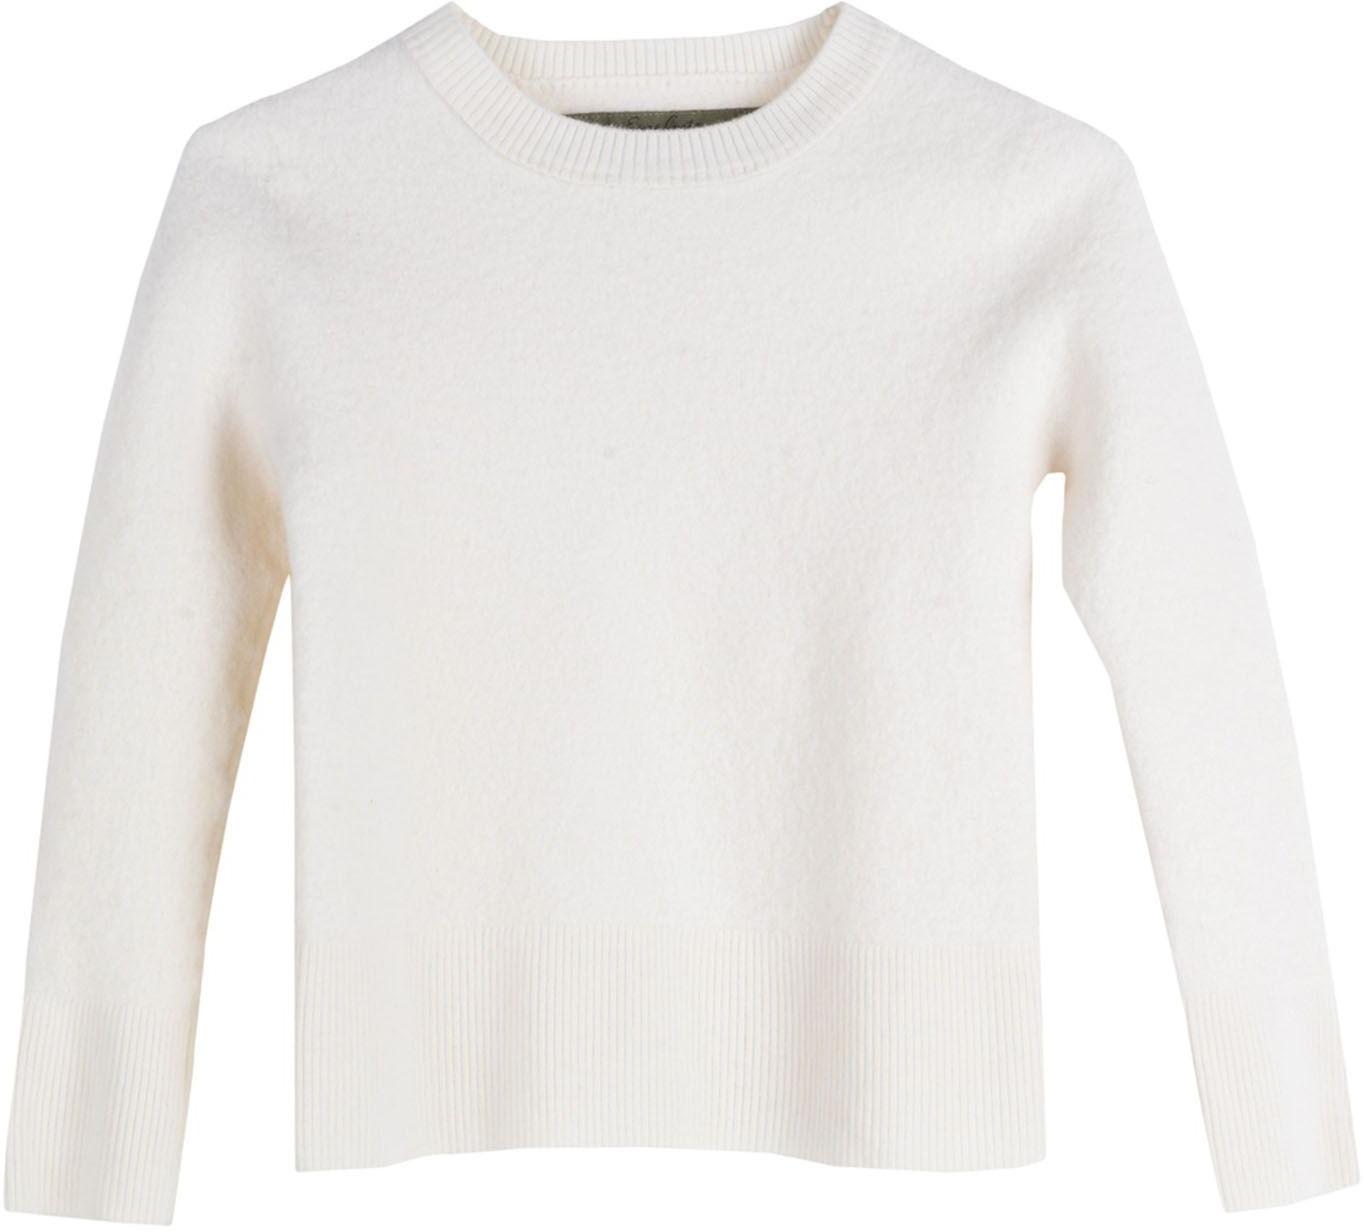 Pullover Pullover Enza Maglieria Maglieria Costa Costa Enza Maglieria Costa Enza Sw57x5zB